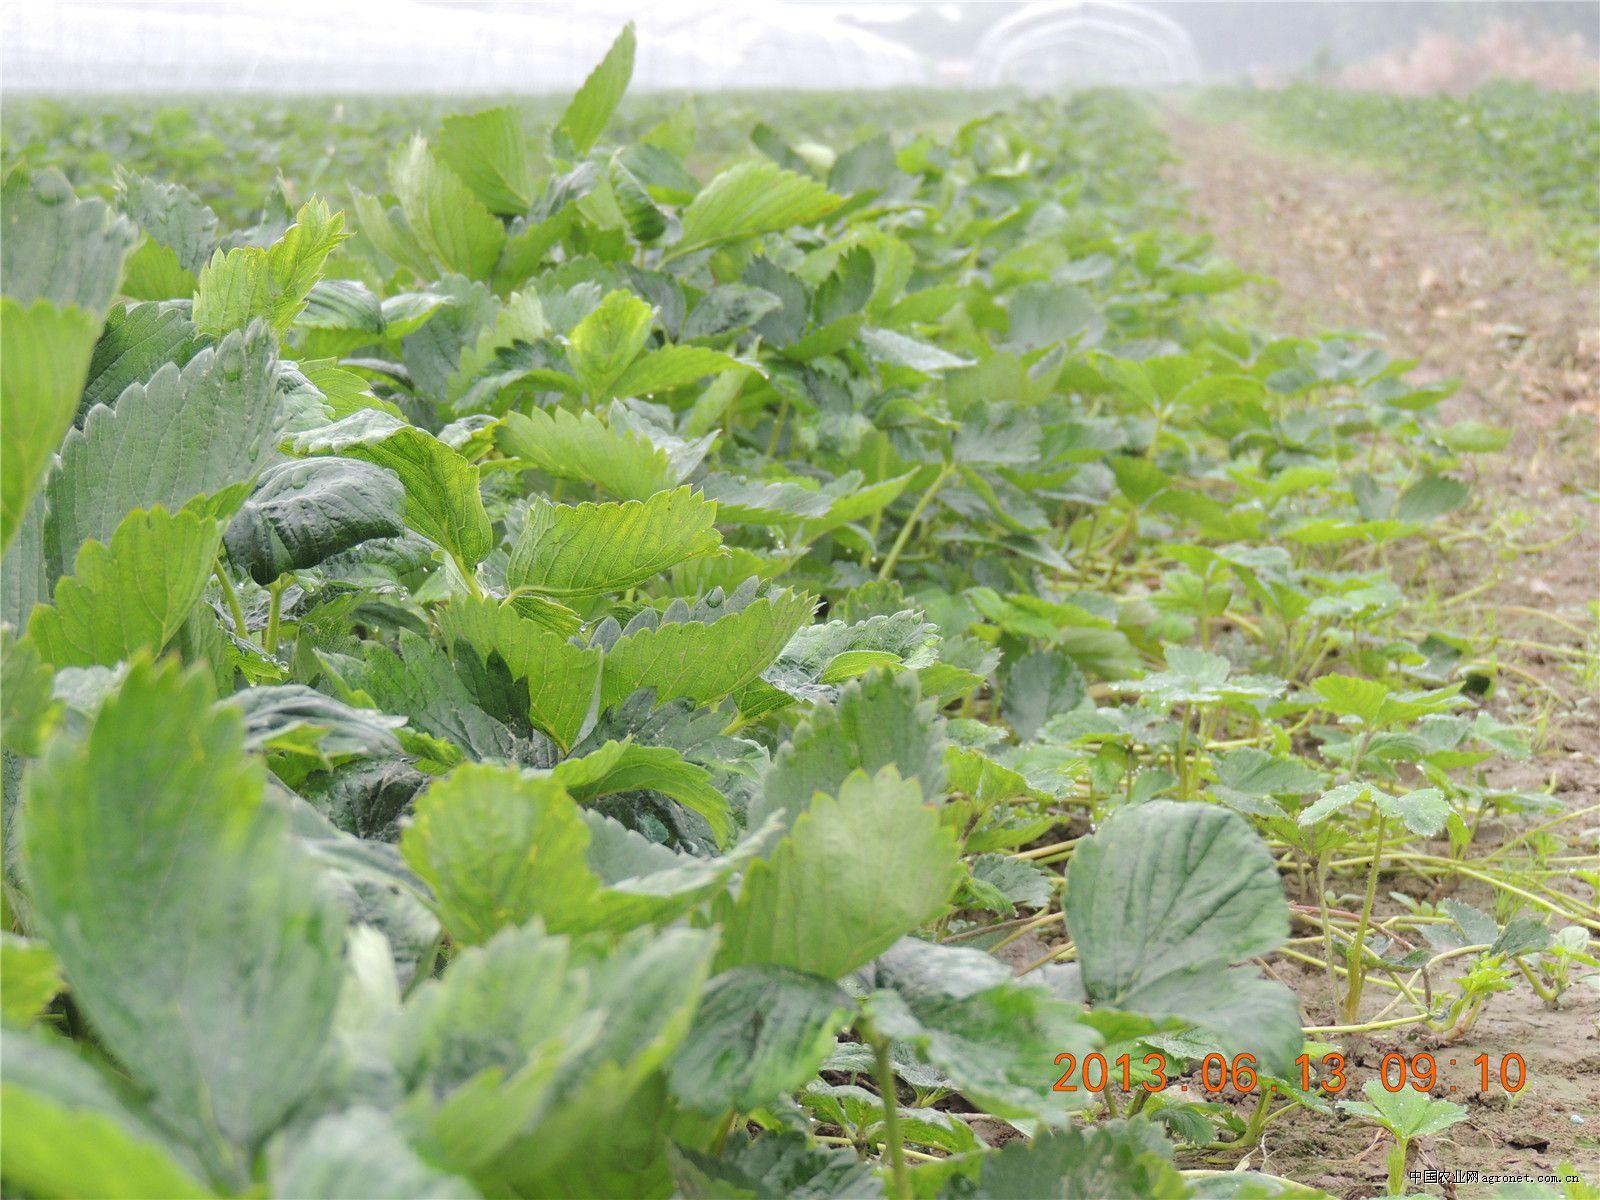 企业相册 - 幻灯片模式 - 杭州下沙草莓苗供应基地